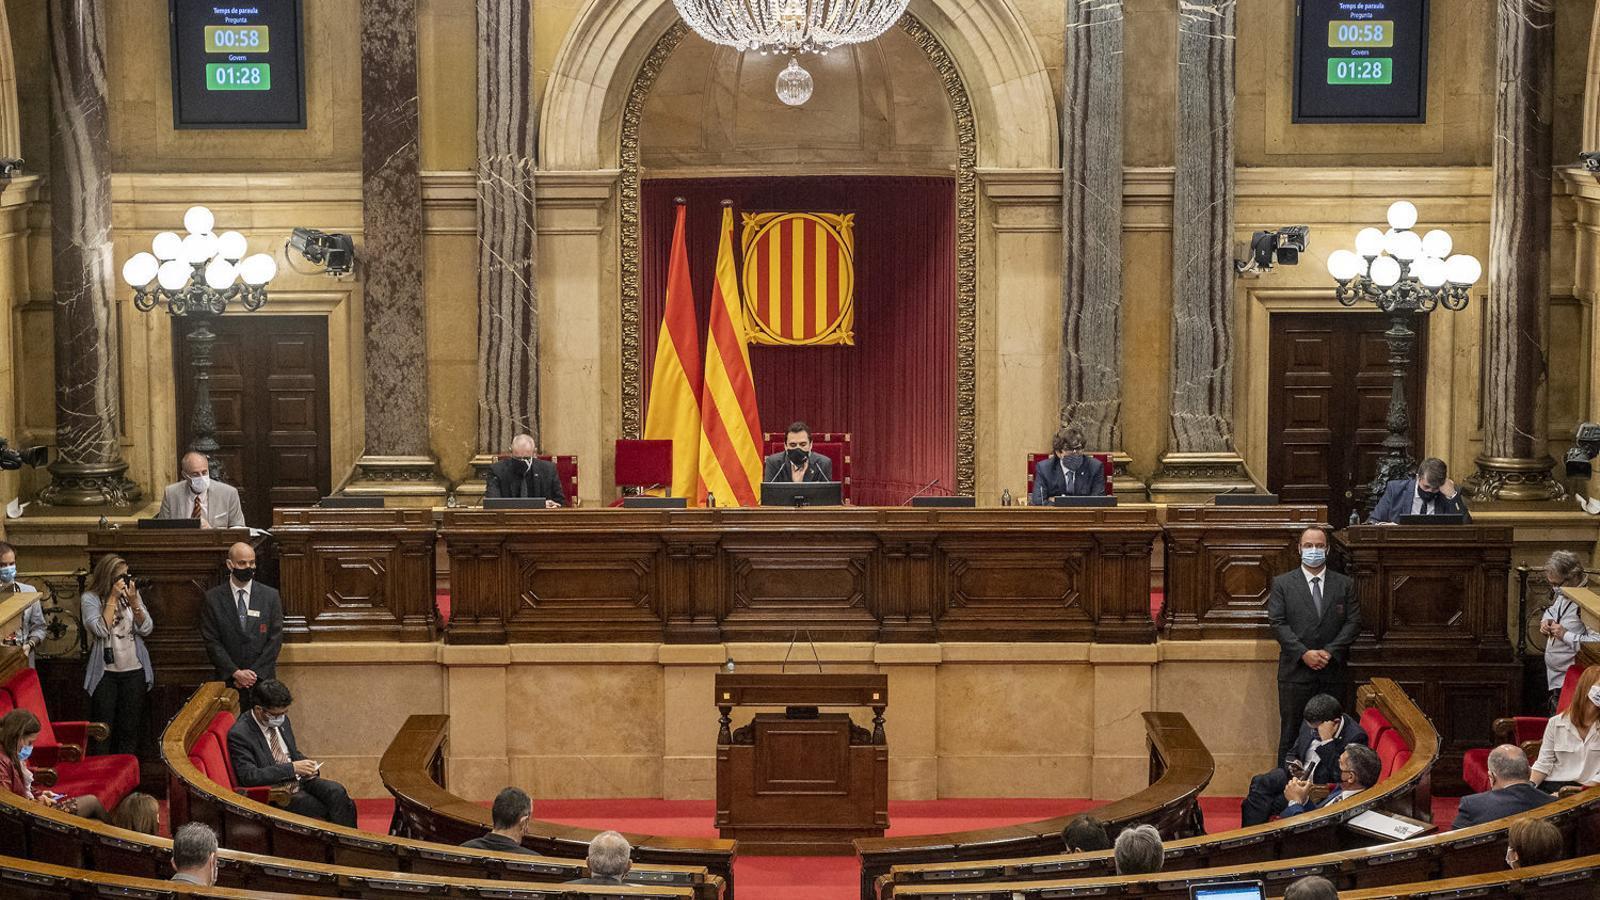 Sessió plenària del Parlament posterior a la inhabilitació del president Torra.